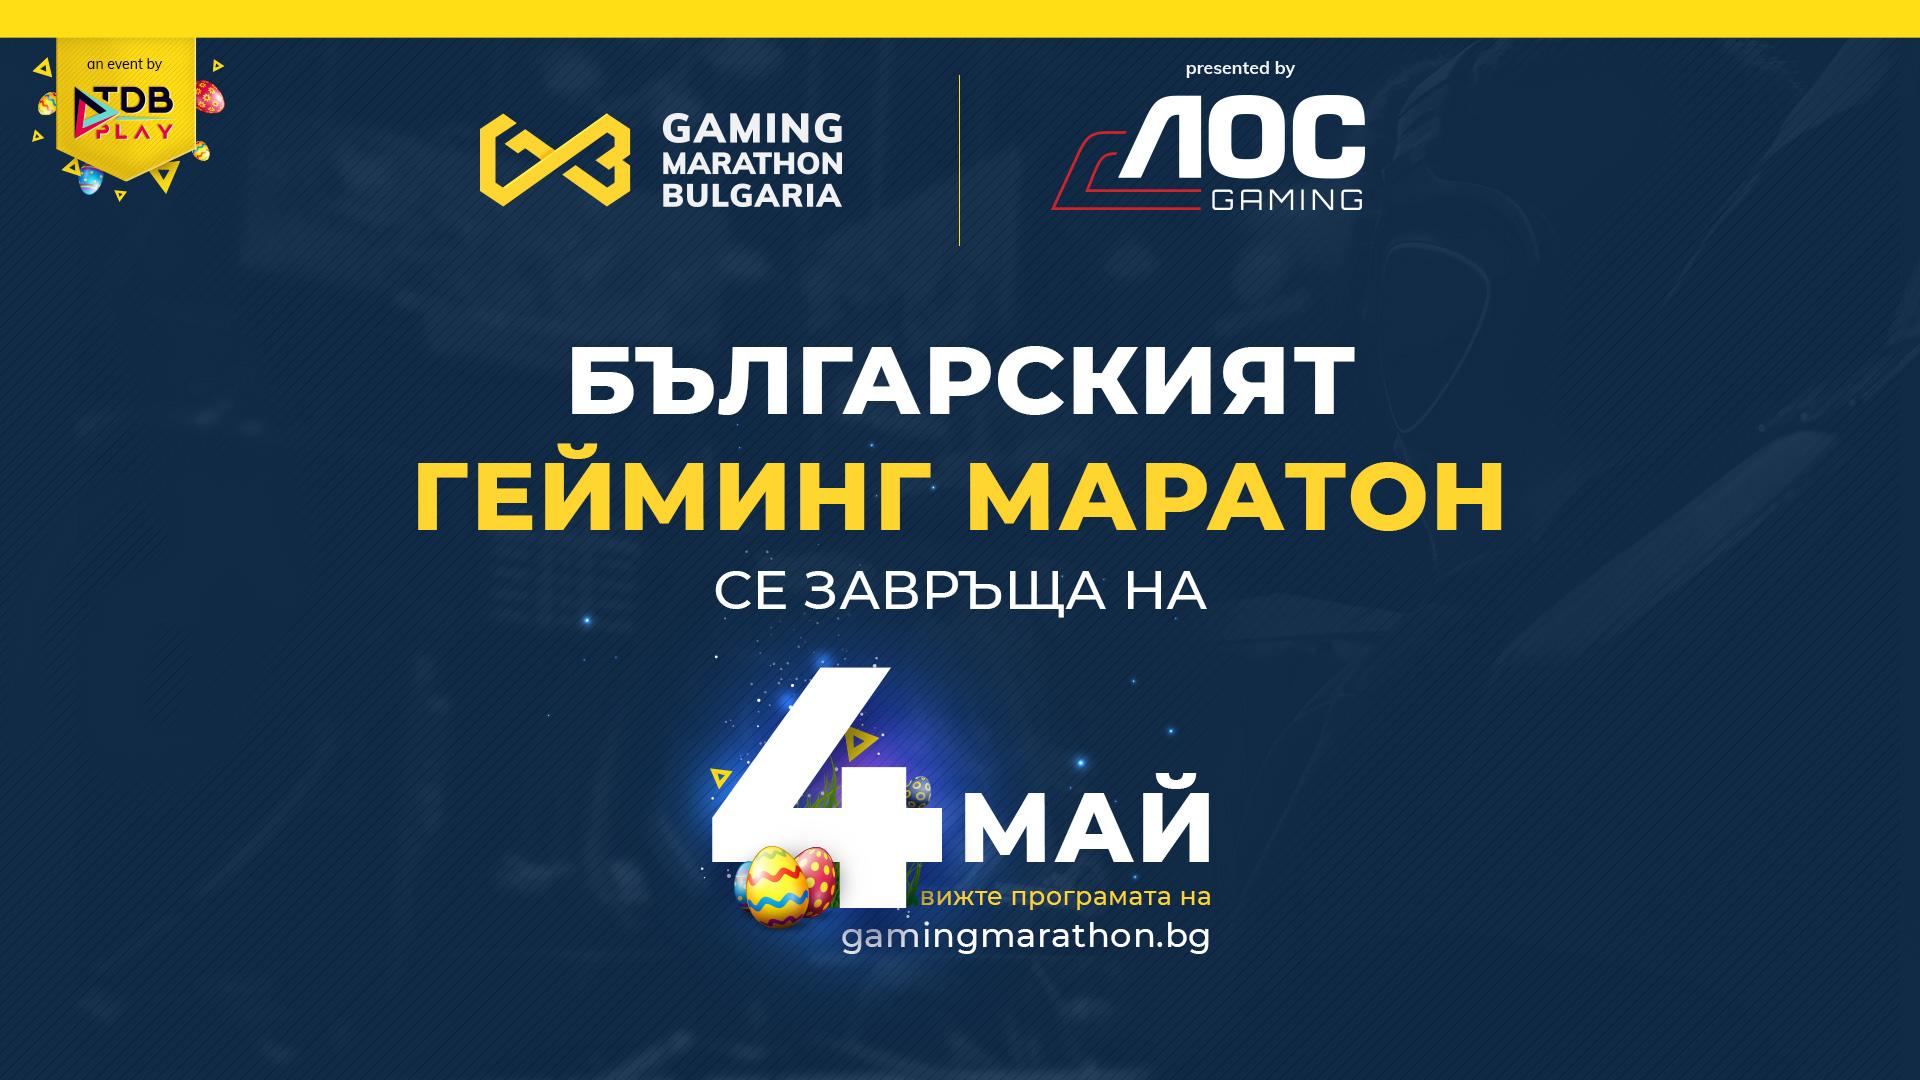 Българският Гейминг Маратон се завръща на 4 май 27